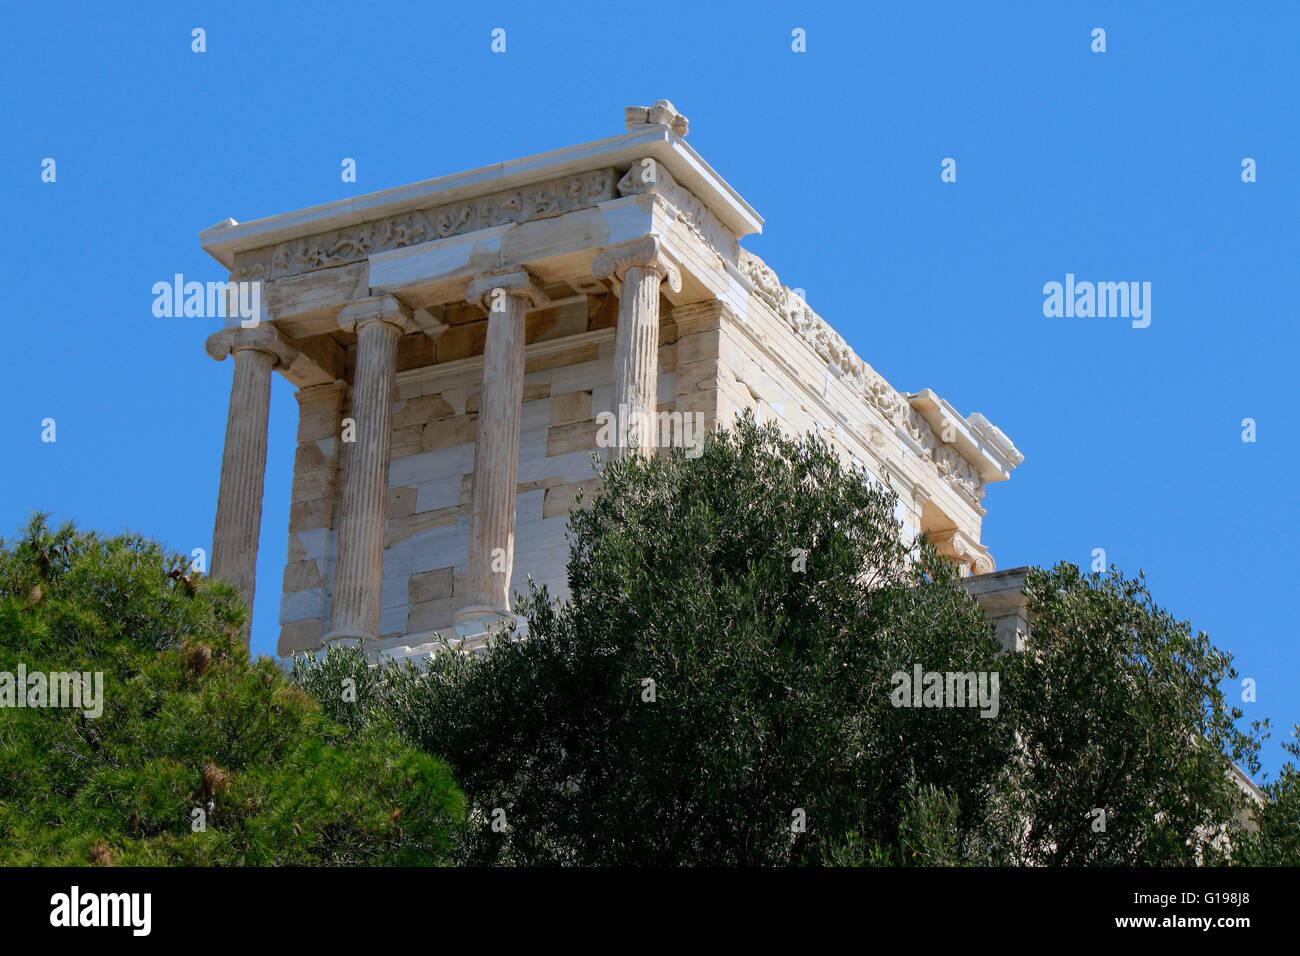 Tempel der Athena Nike/ Niketempel, Akropolis, Athen, Griechenland. Stock Photo